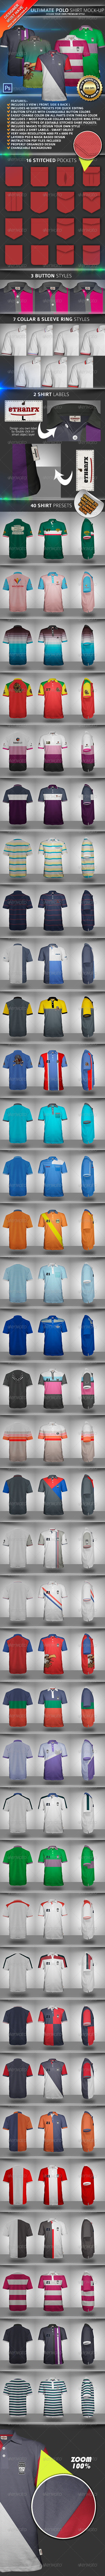 GraphicRiver Polo Shirt Mock-Up 7317749